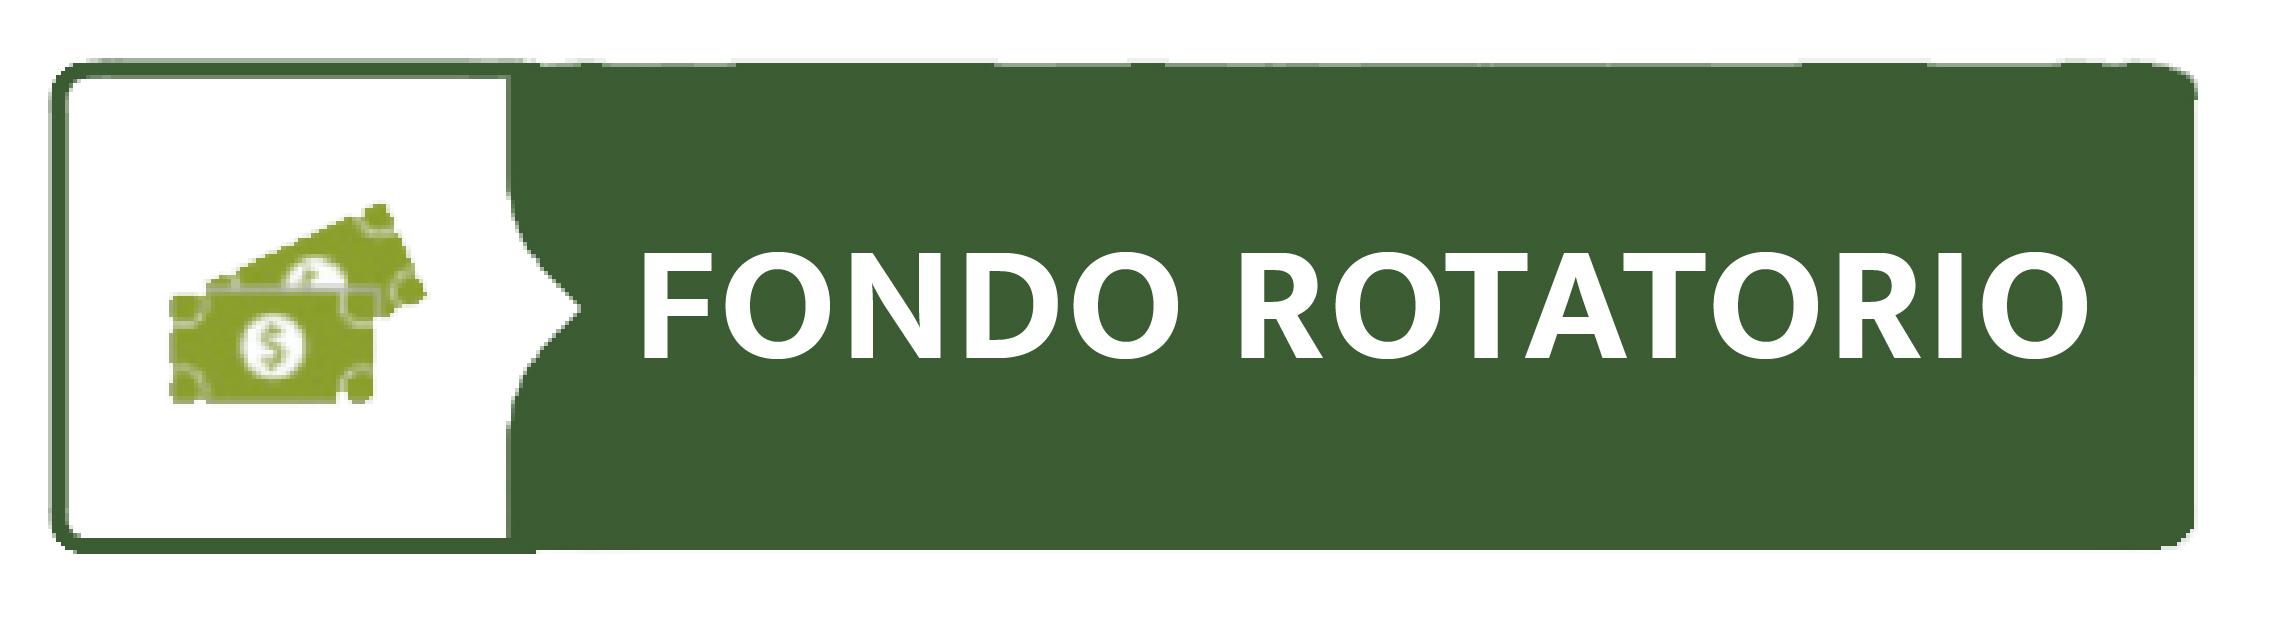 FONDO ROTATORIO_Mesa de trabajo 1